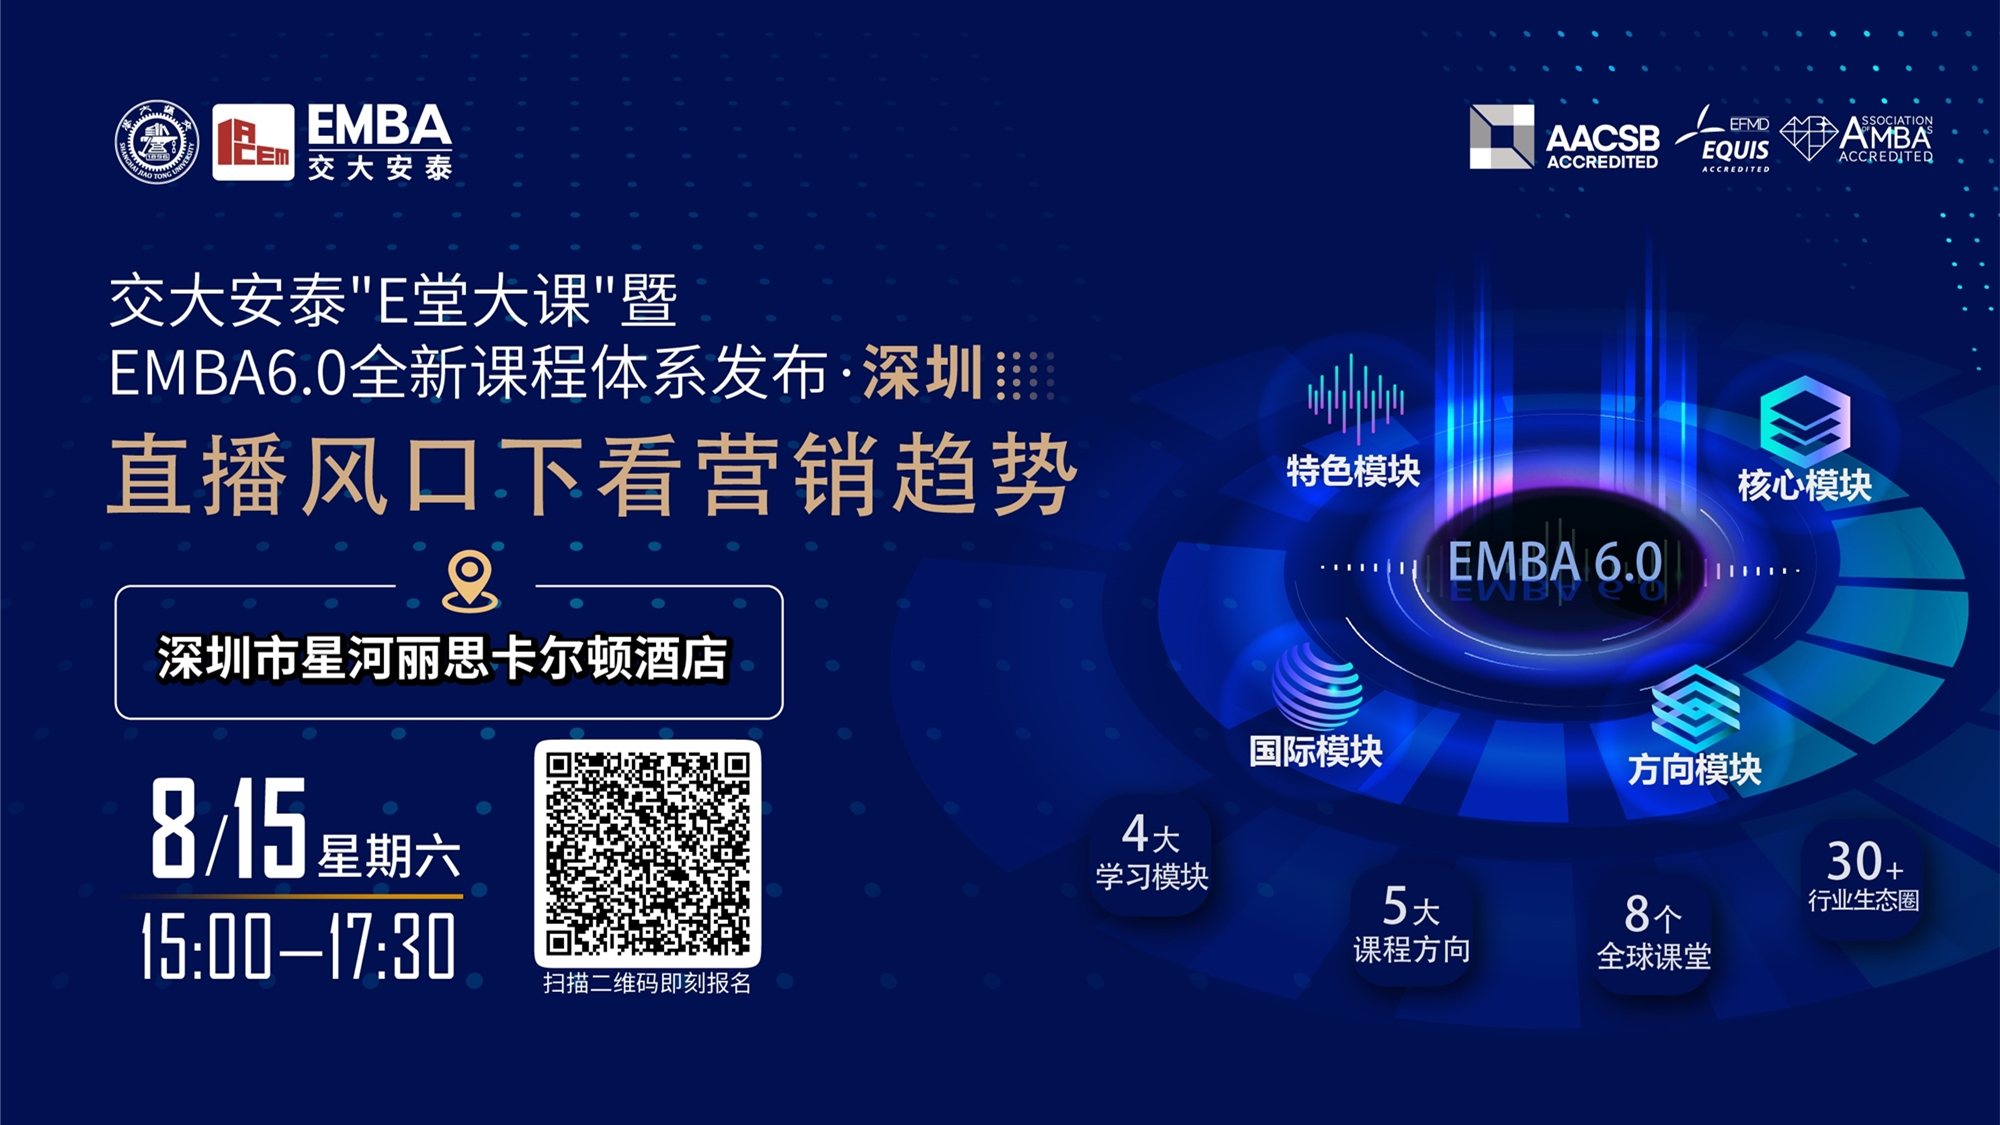 【深圳站】直播风口下看ying销趋势 | EMBA6.0全新课程ti系全国巡回fa布